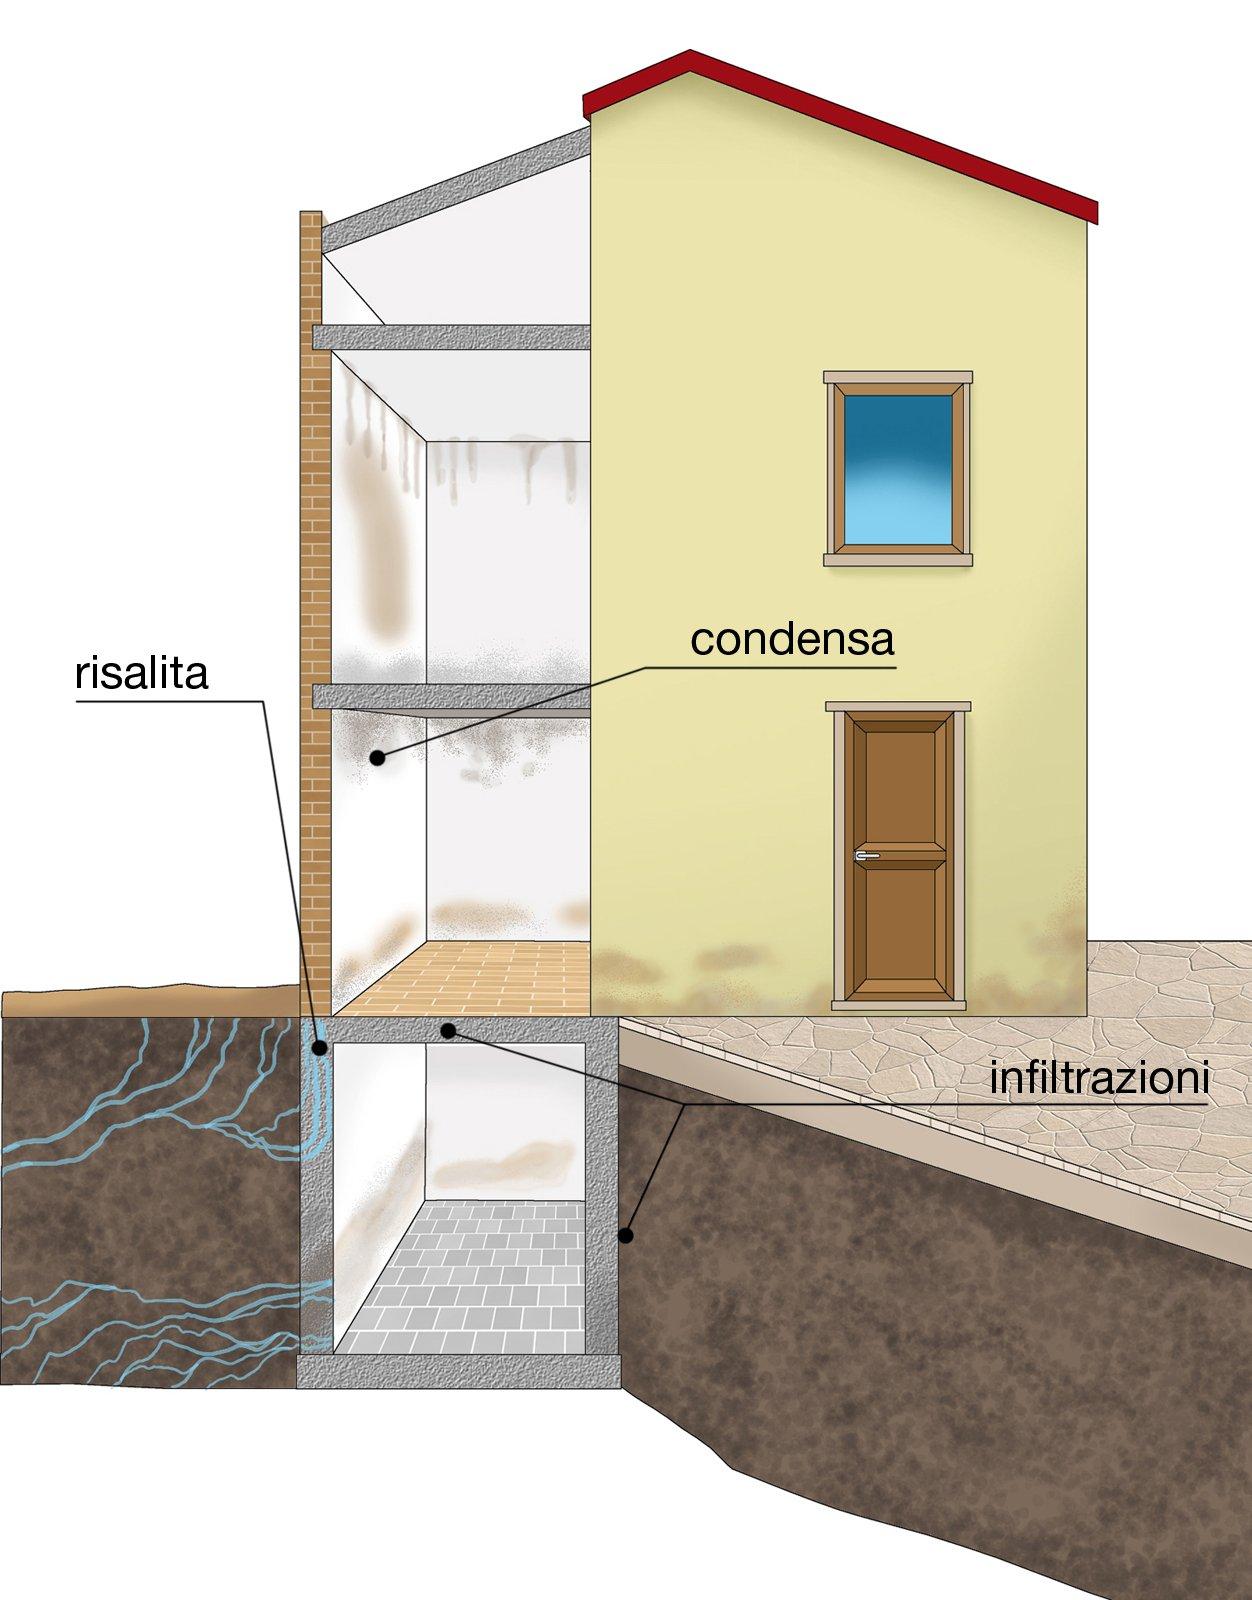 Umidit nei muri come riconoscerla cose di casa - Umidita muri esterni casa ...